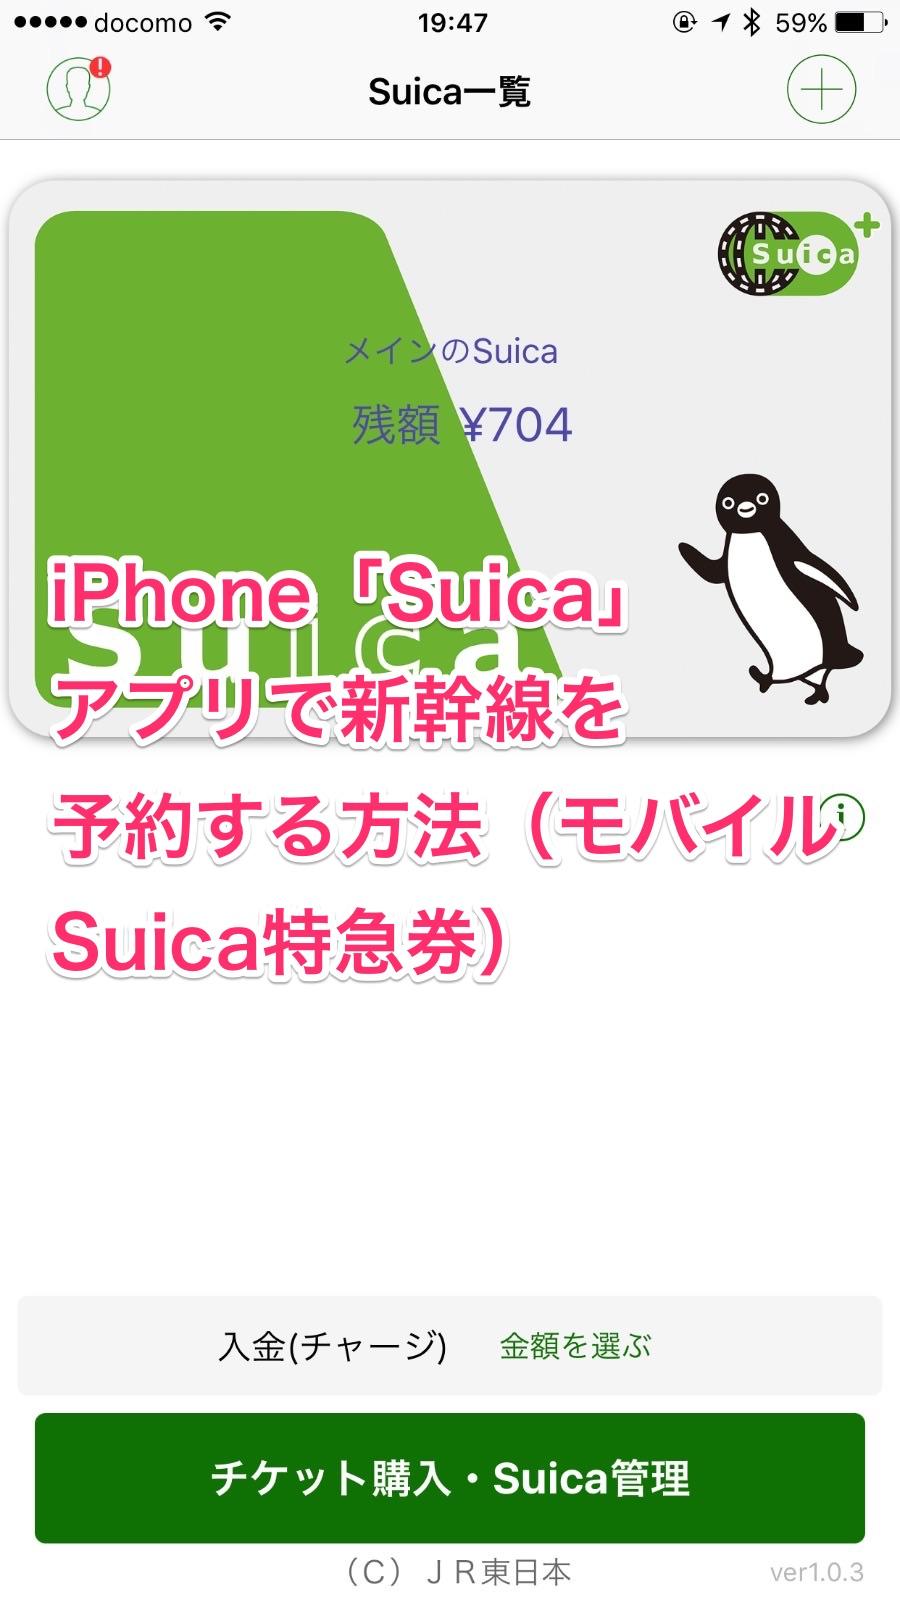 iPhone「Suica」アプリで新幹線を予約する方法